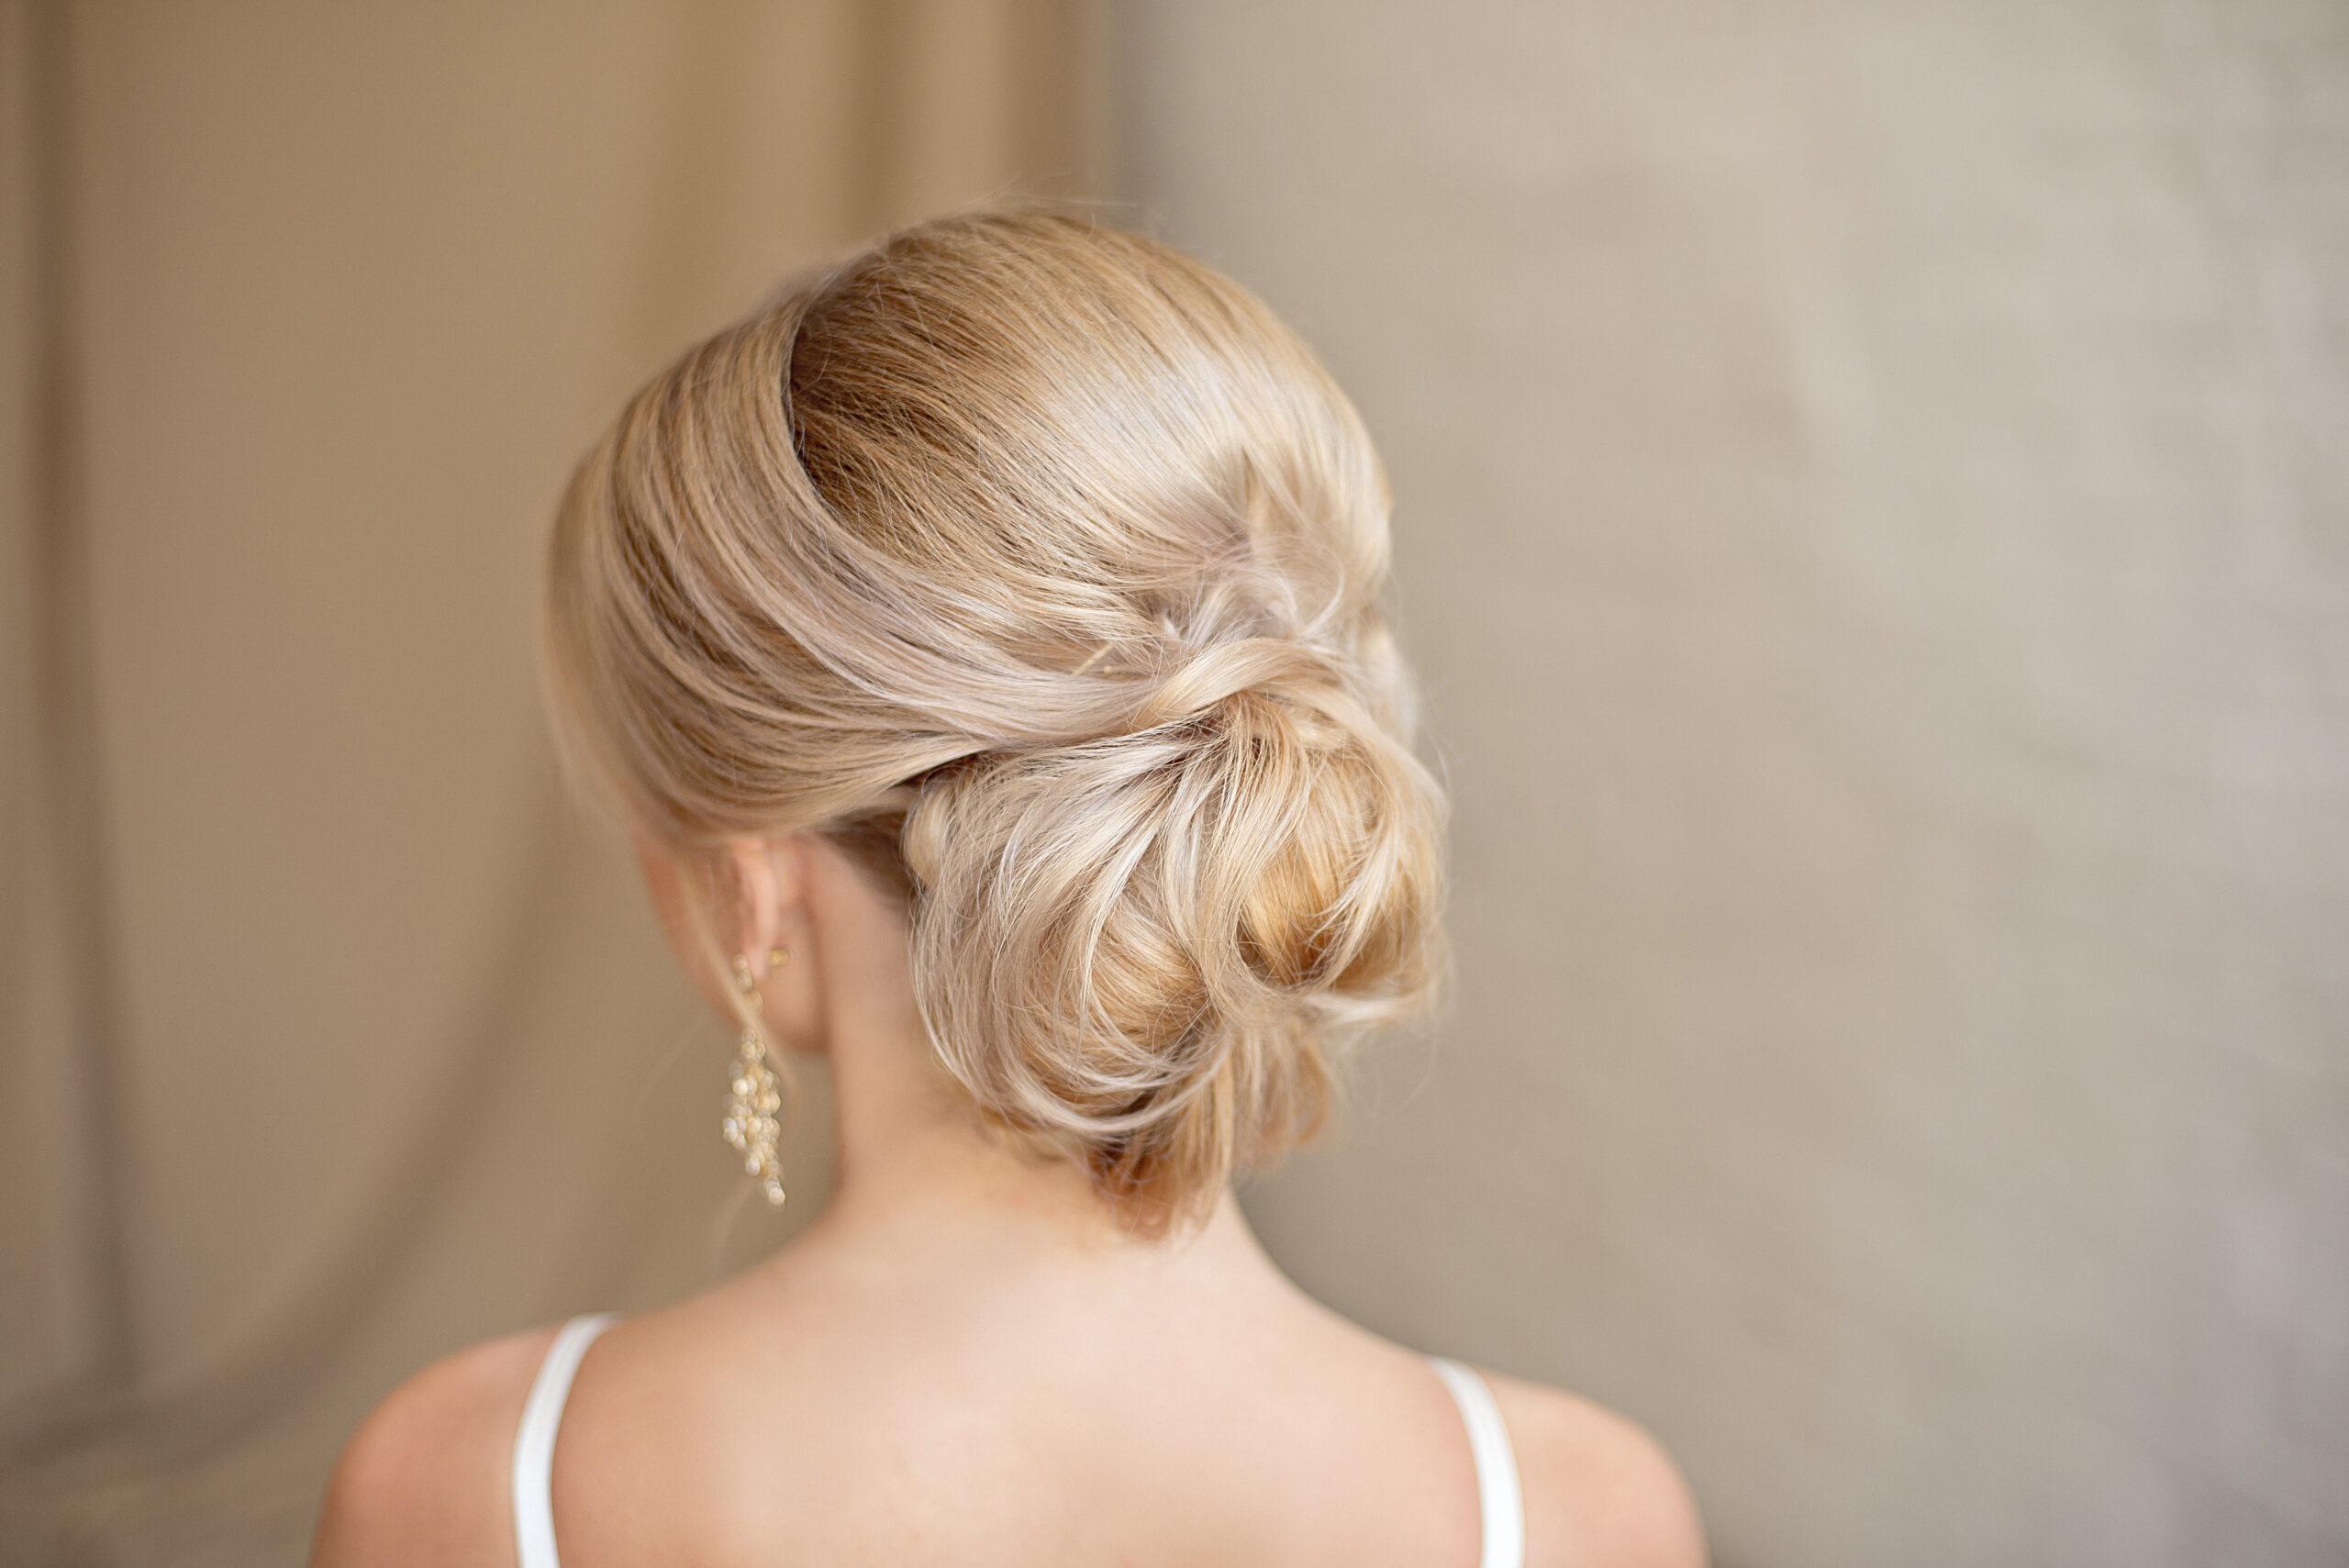 fryzura na wesele włosy delikatnie upięte